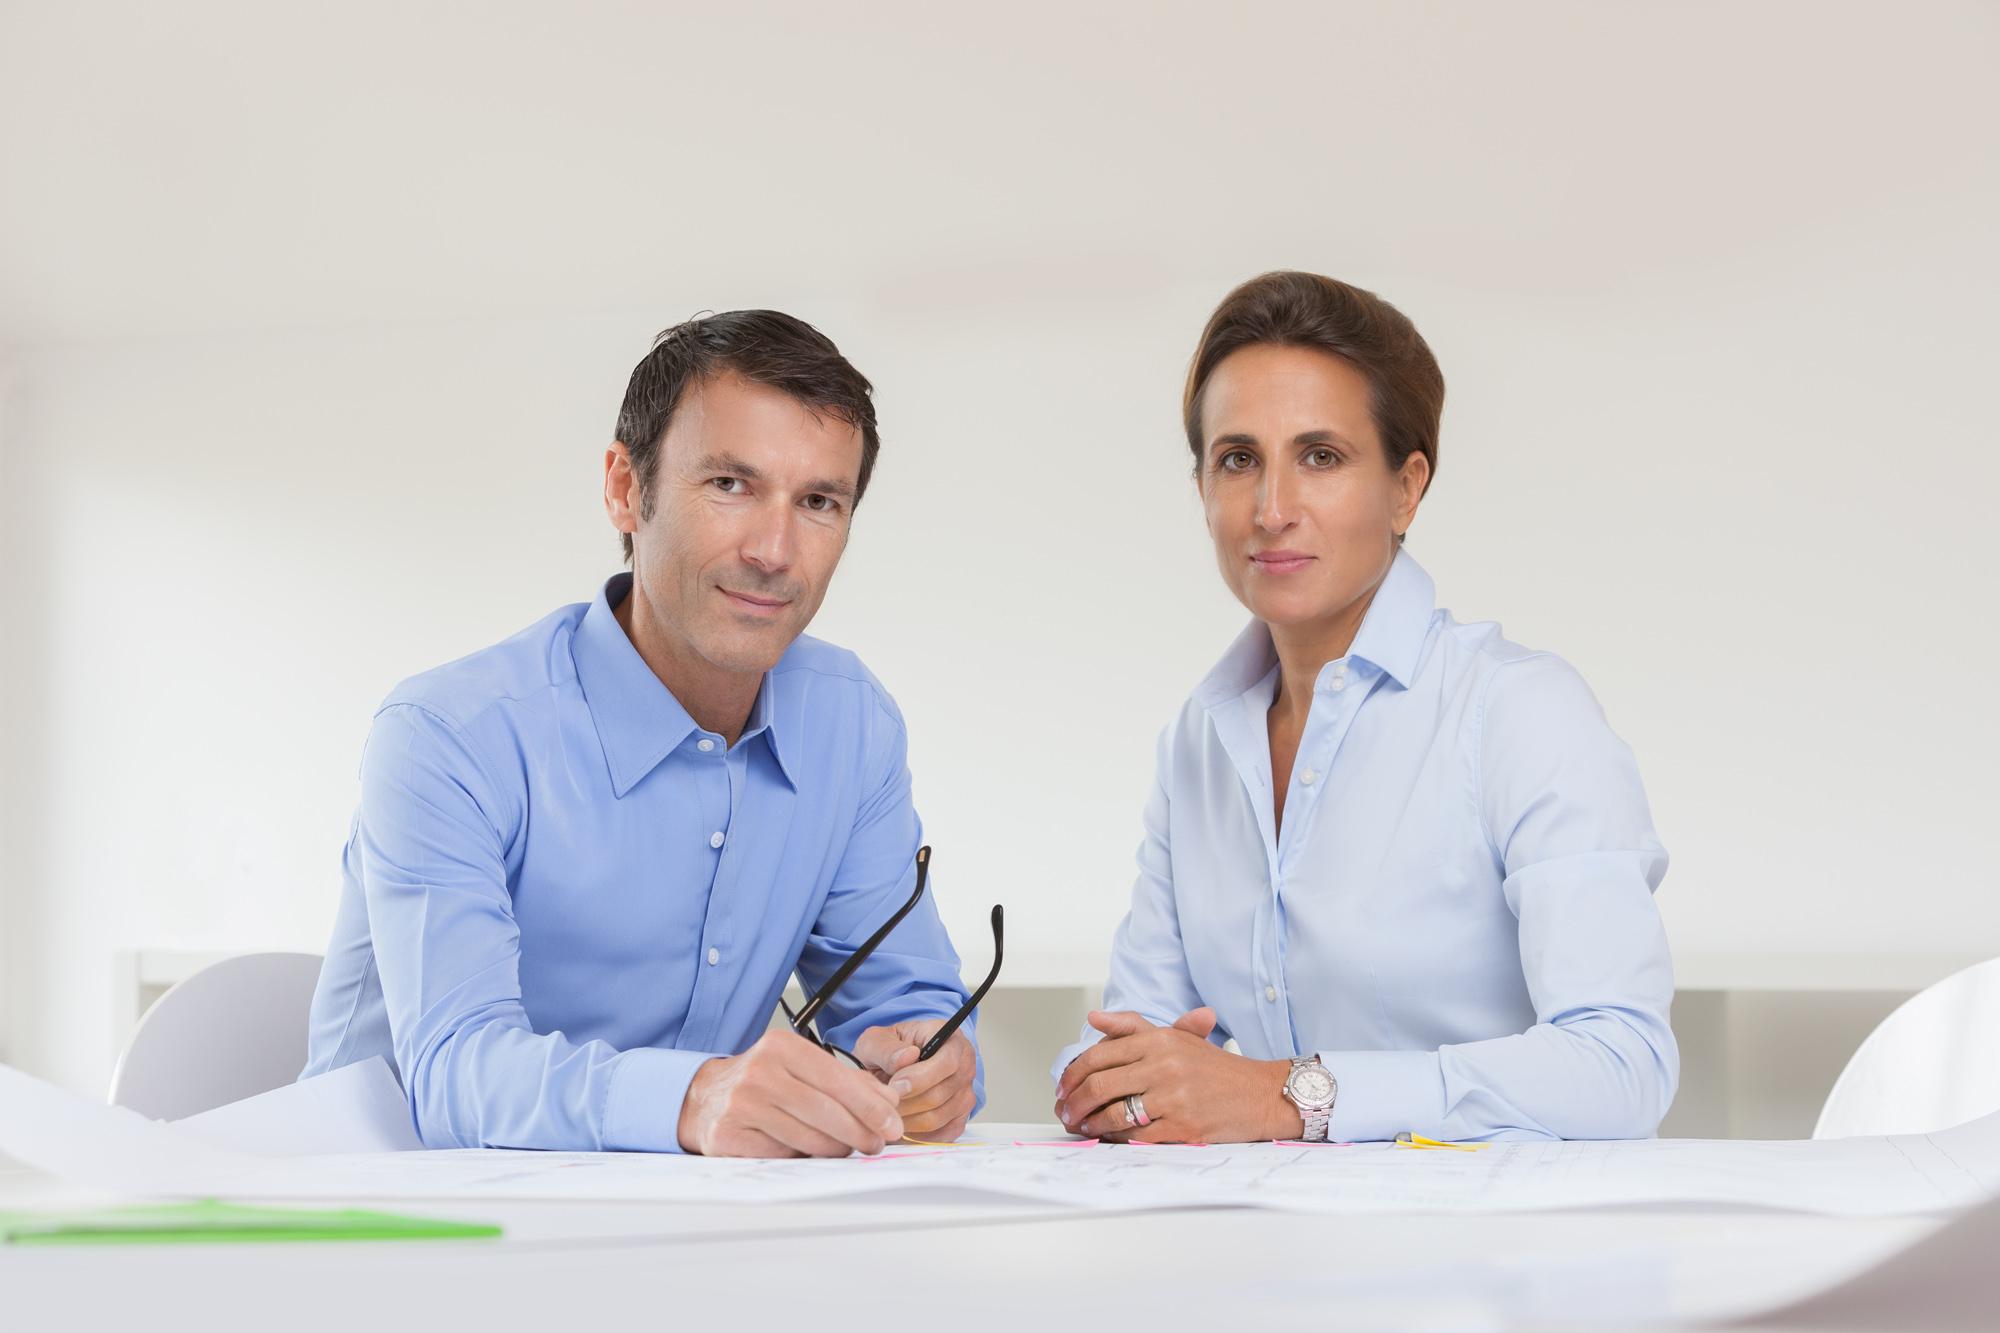 Nikolaus Gschlößl und Elvira Vogtherr am Besprechungstisch